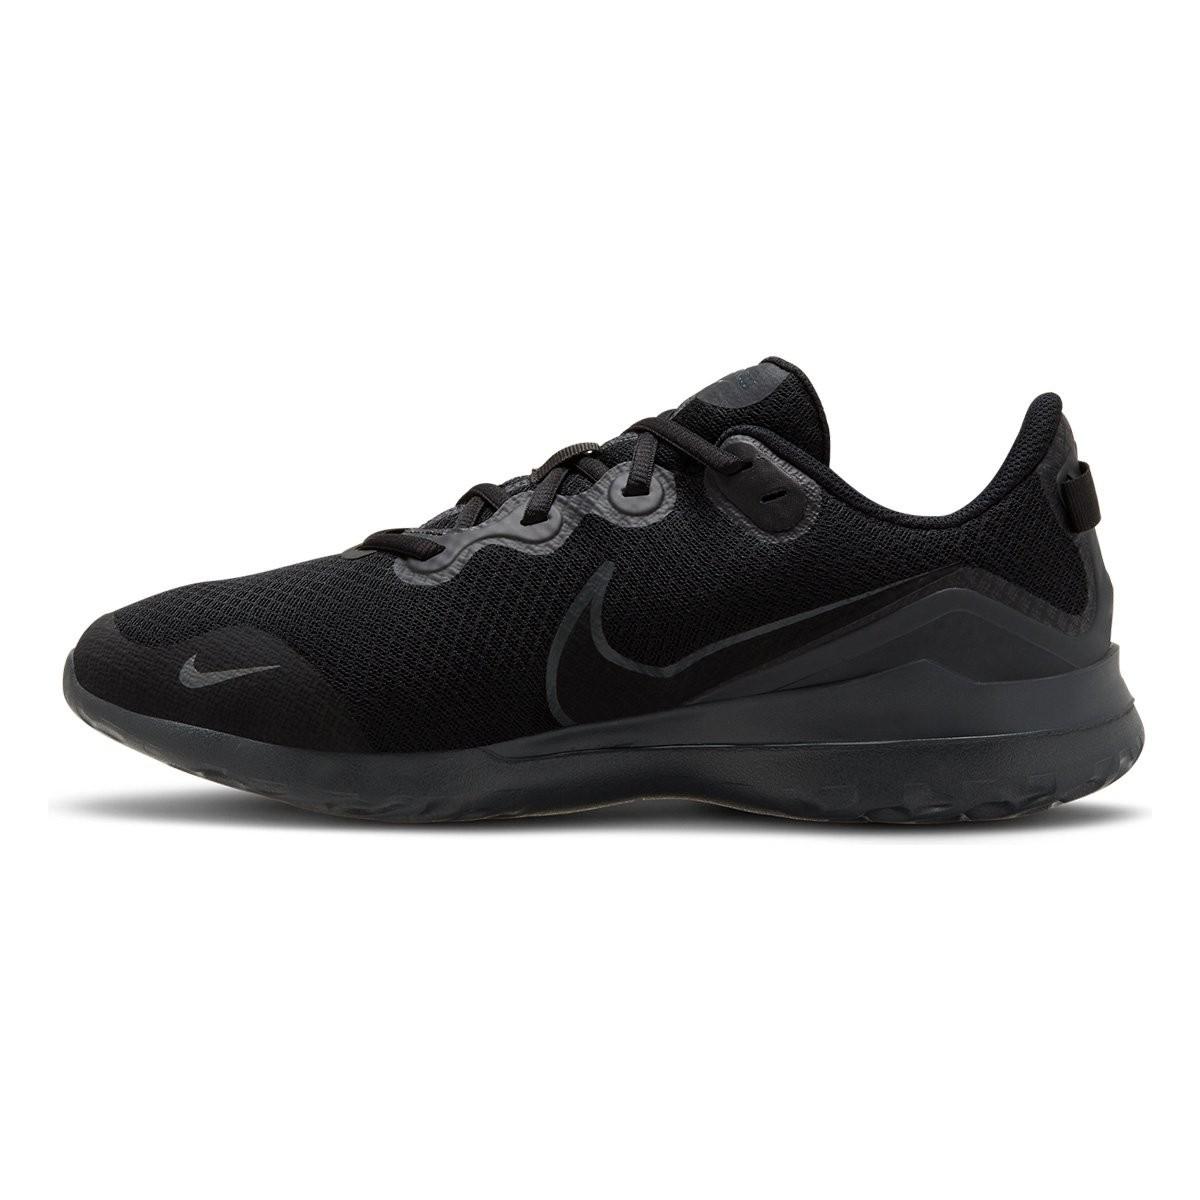 Tenis Nike Renew Ride Masculino Adulto Esportivo Preto